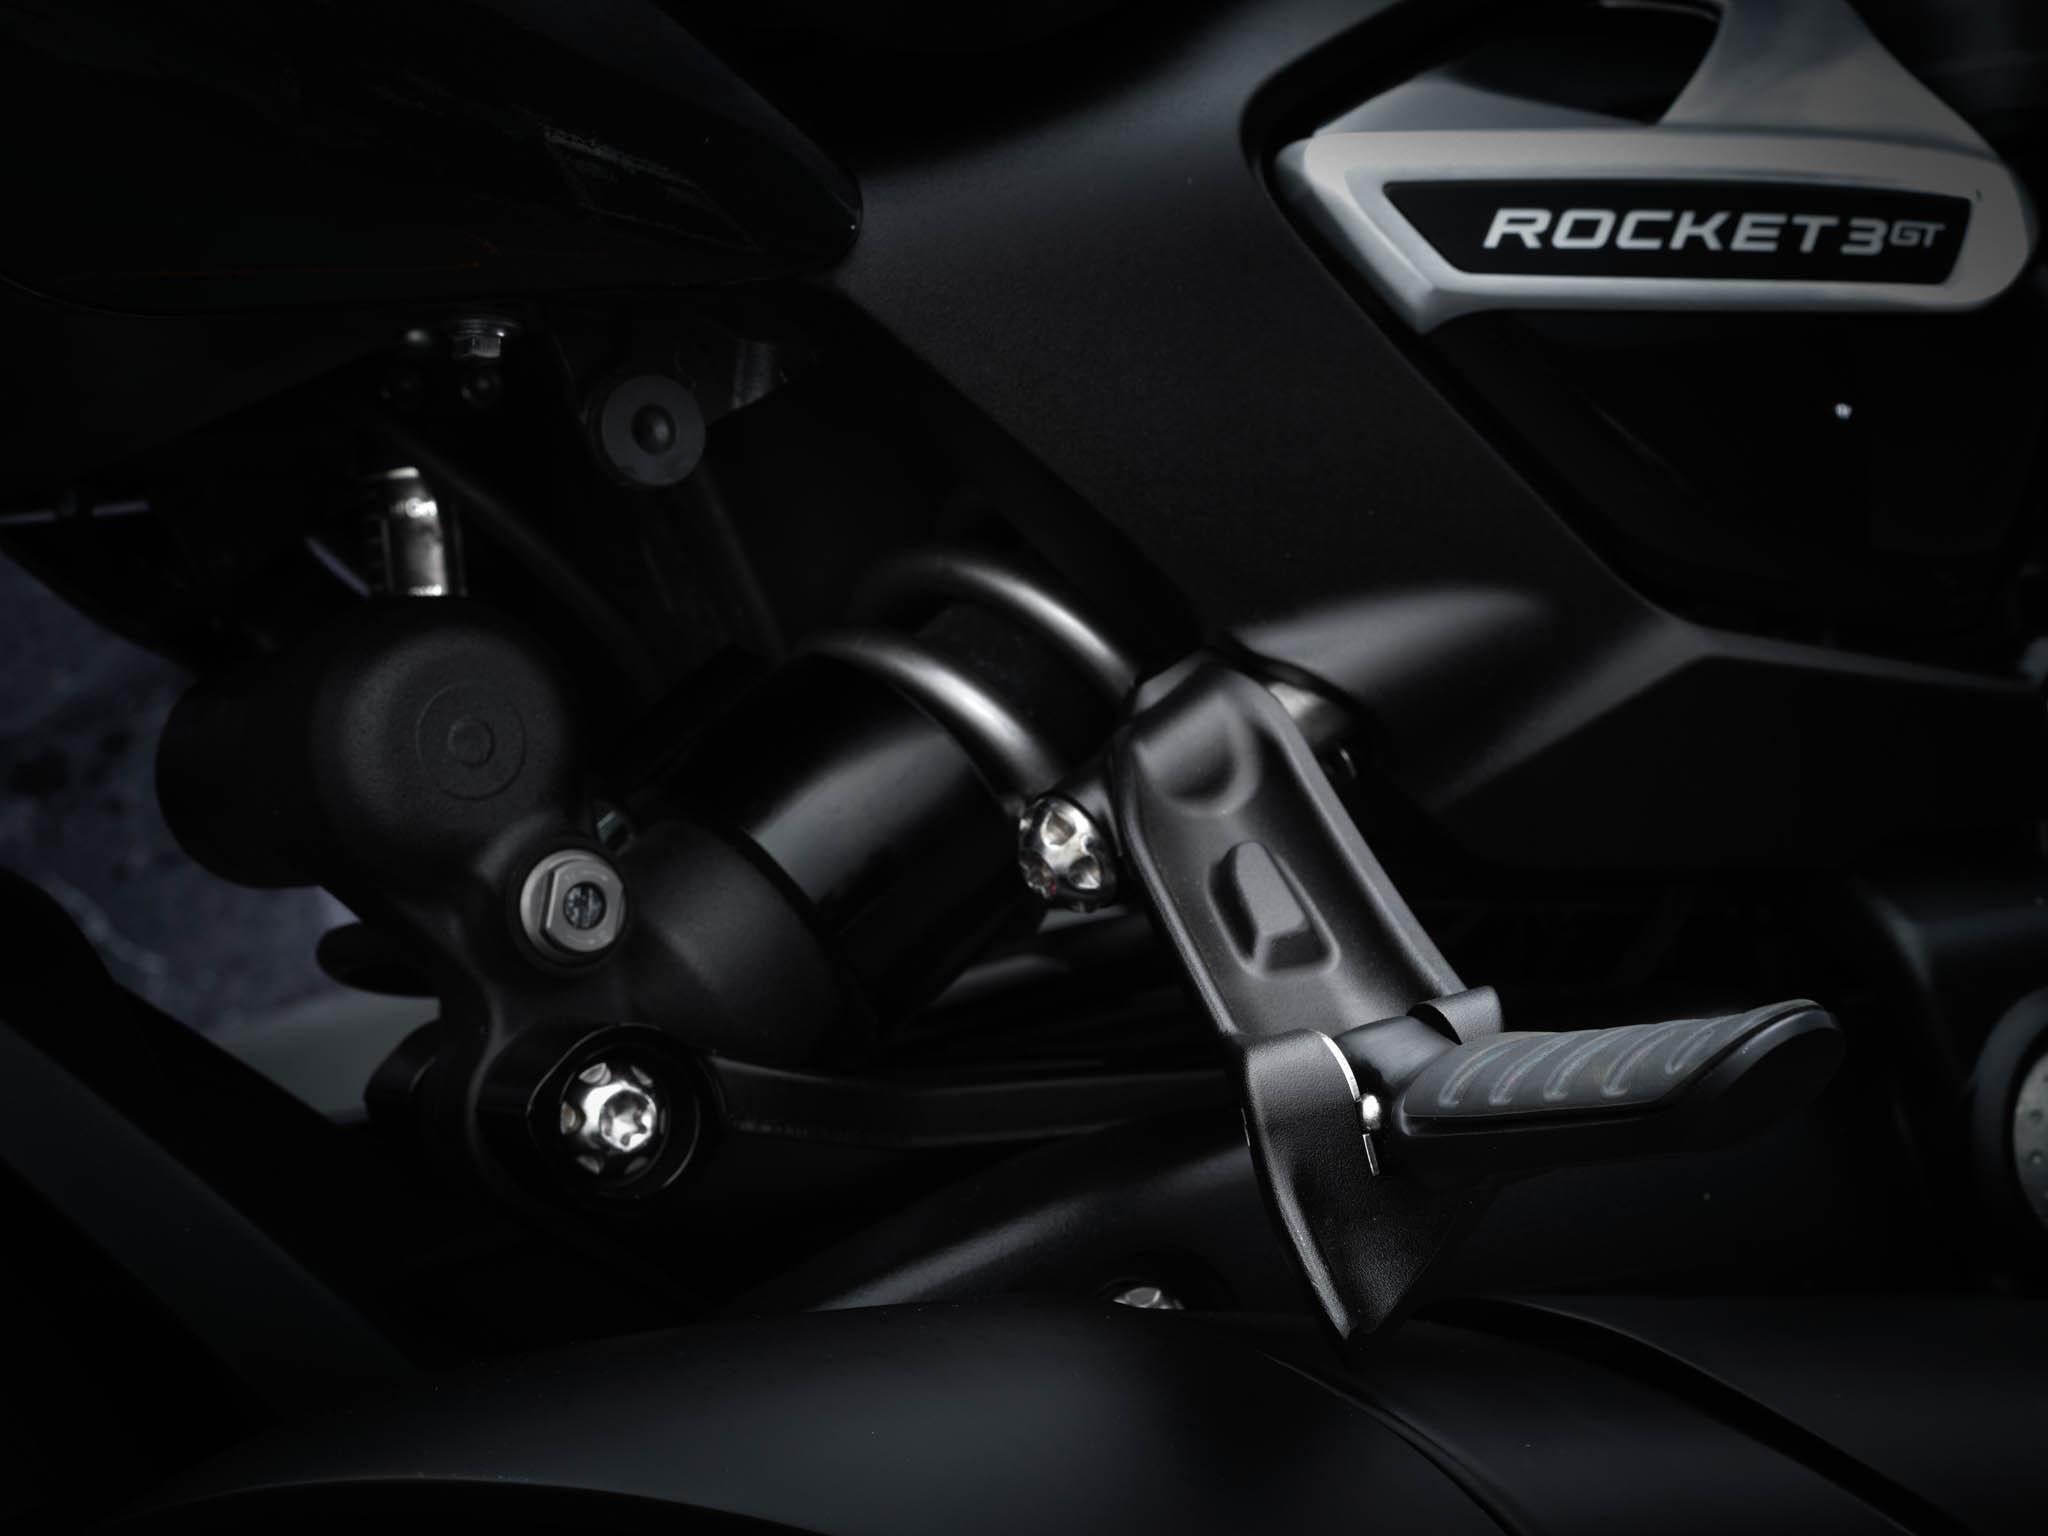 Triumph-Rocket-3-GT-Triple-Black-details-6